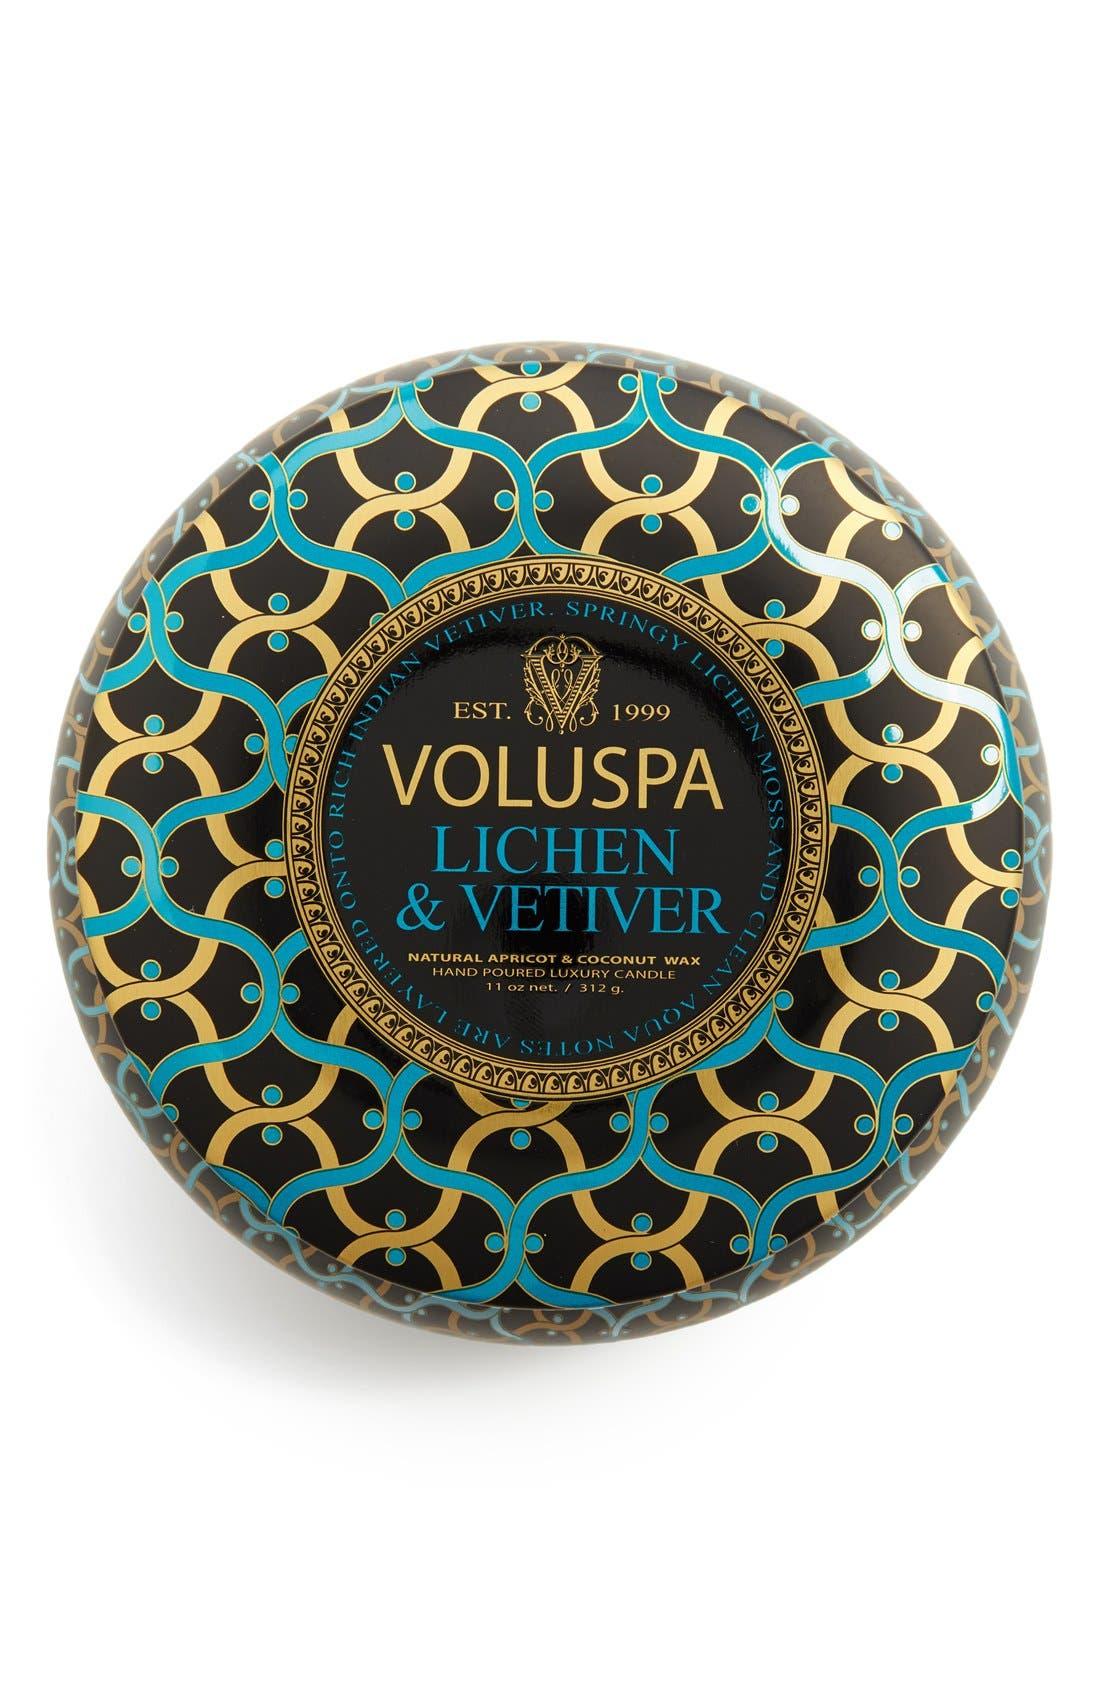 Voluspa 'Maison Noir - Lichen & Vetiver' 2-Wick Scented Candle